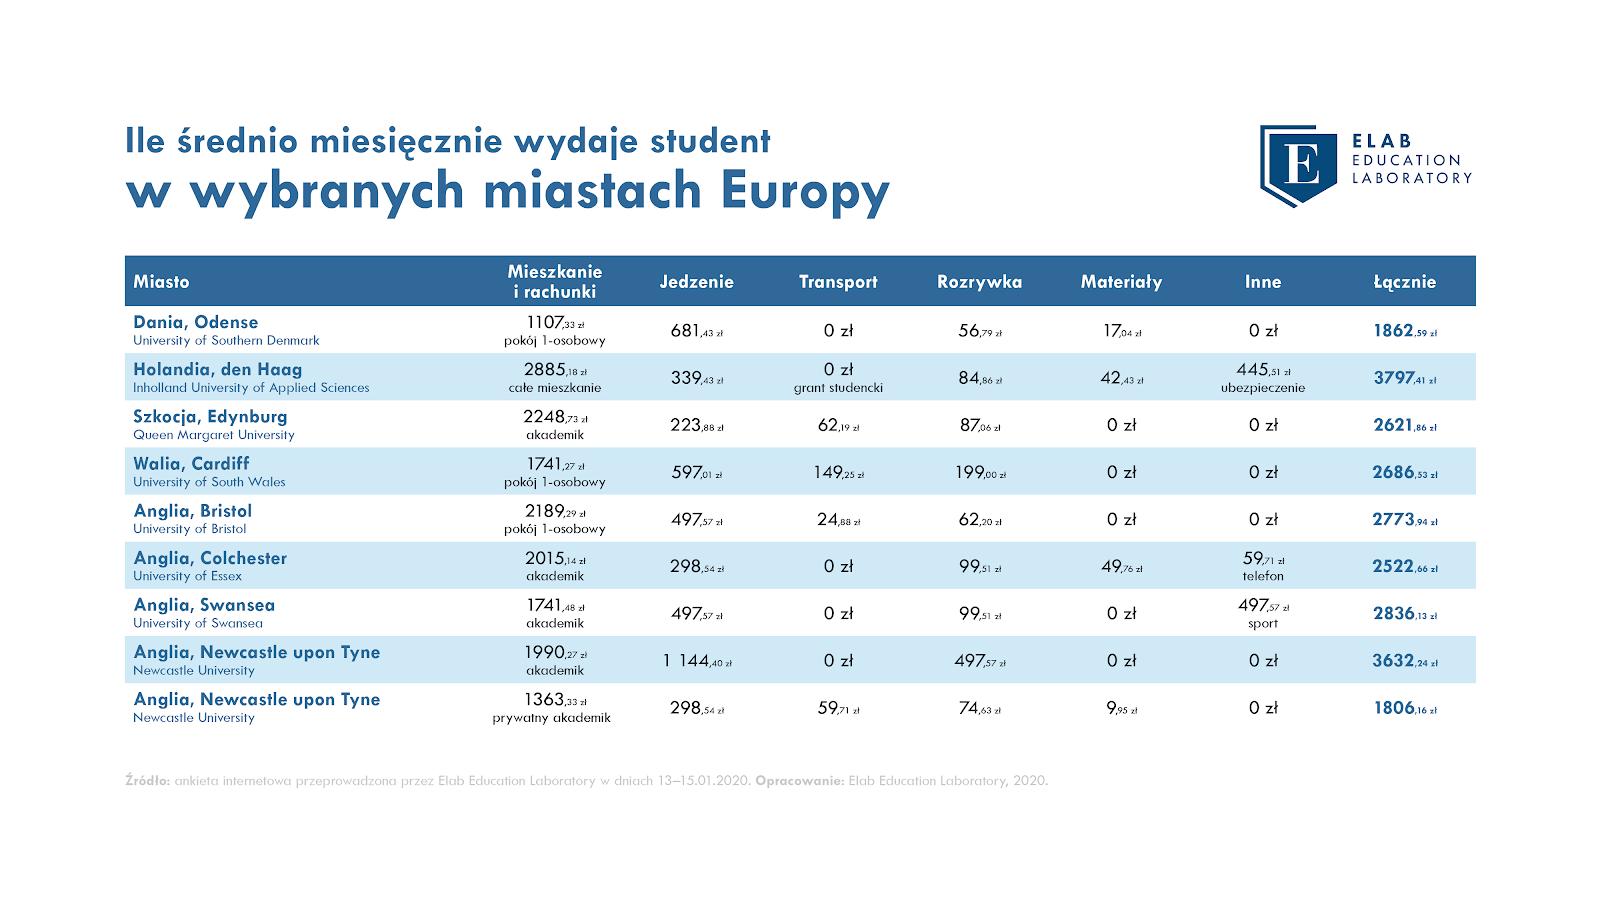 Ile średnio wydaje student w miastach Europy_Elab